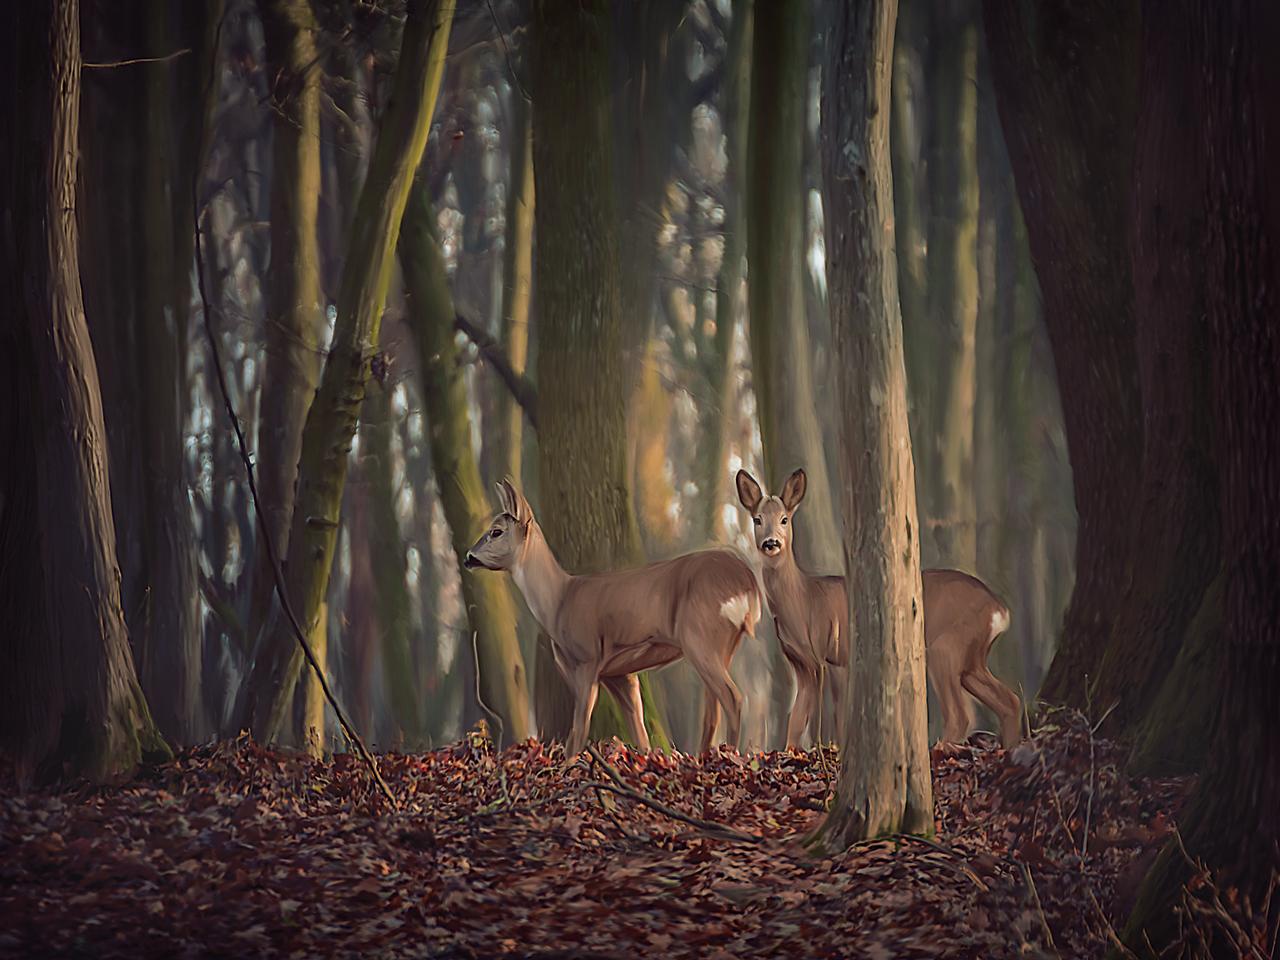 Doe-a-Deer